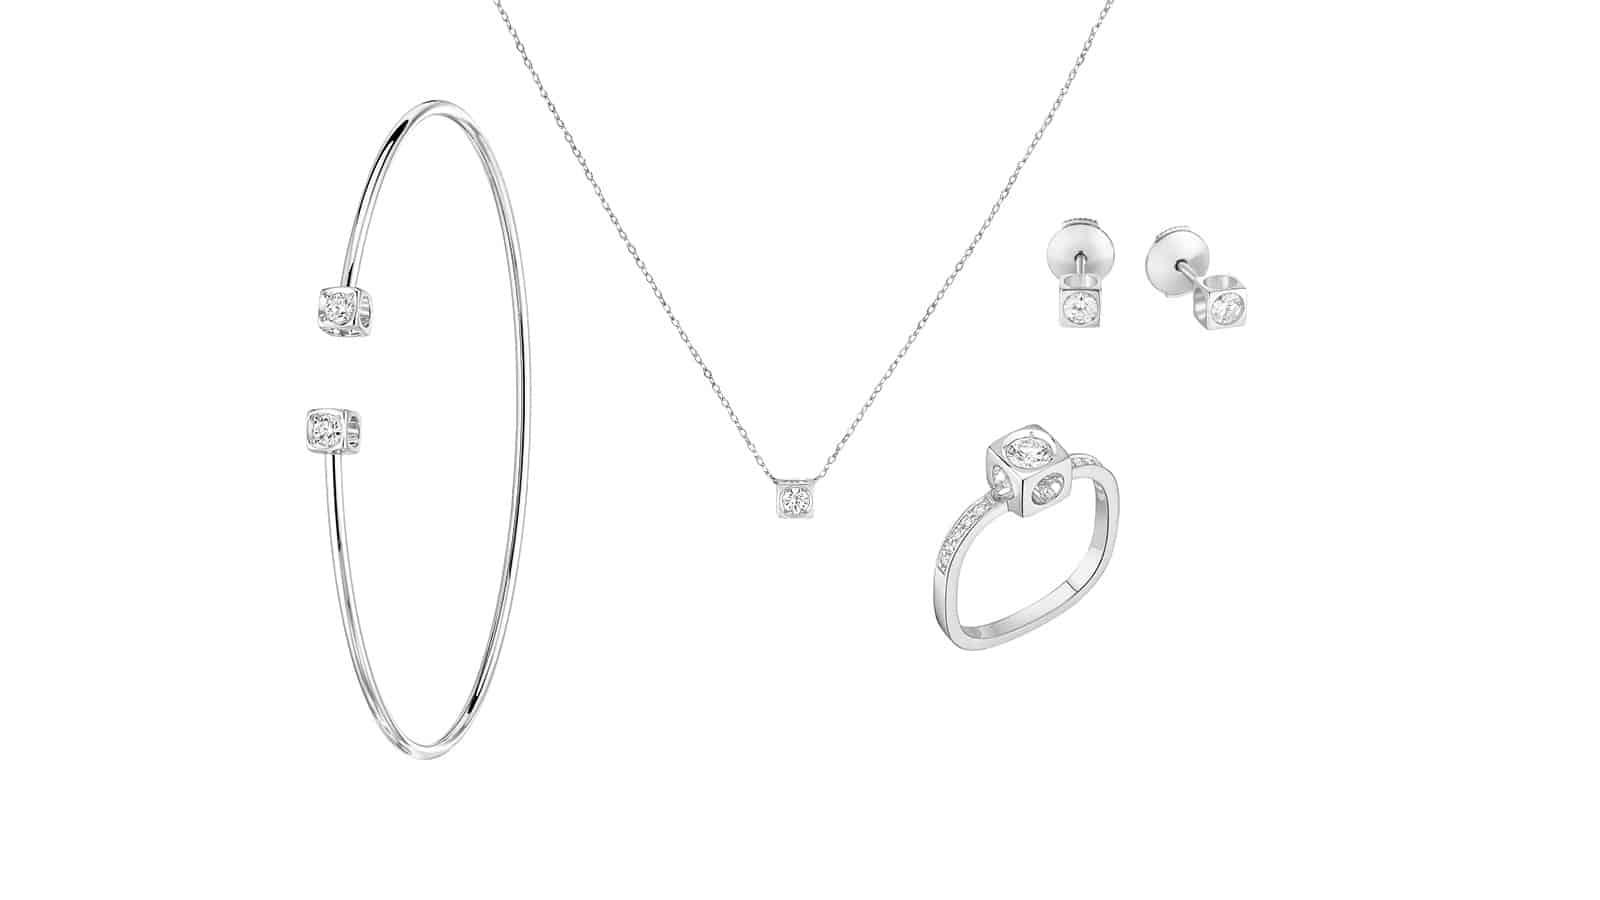 Bijoux-bague-pendentif-boucles-d-oreilles-jonc-Le-Cube-Dinh-Van-Lionel-Meylan-horlogerie-joaillerie-vevey